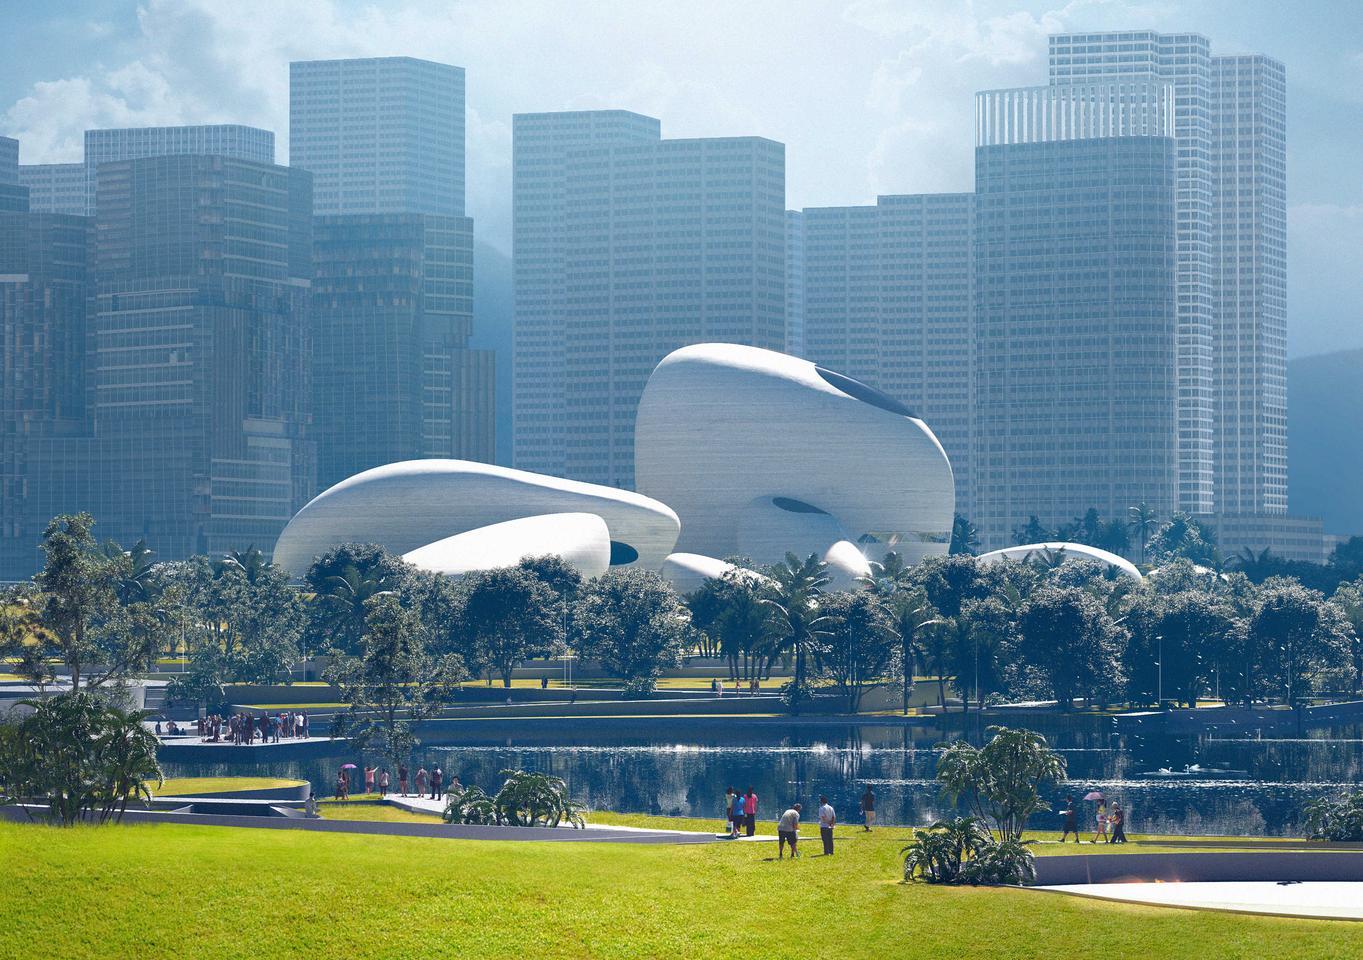 Парк культуры залива Шэньчжэнь будет включать большие зеленые общественные пространства